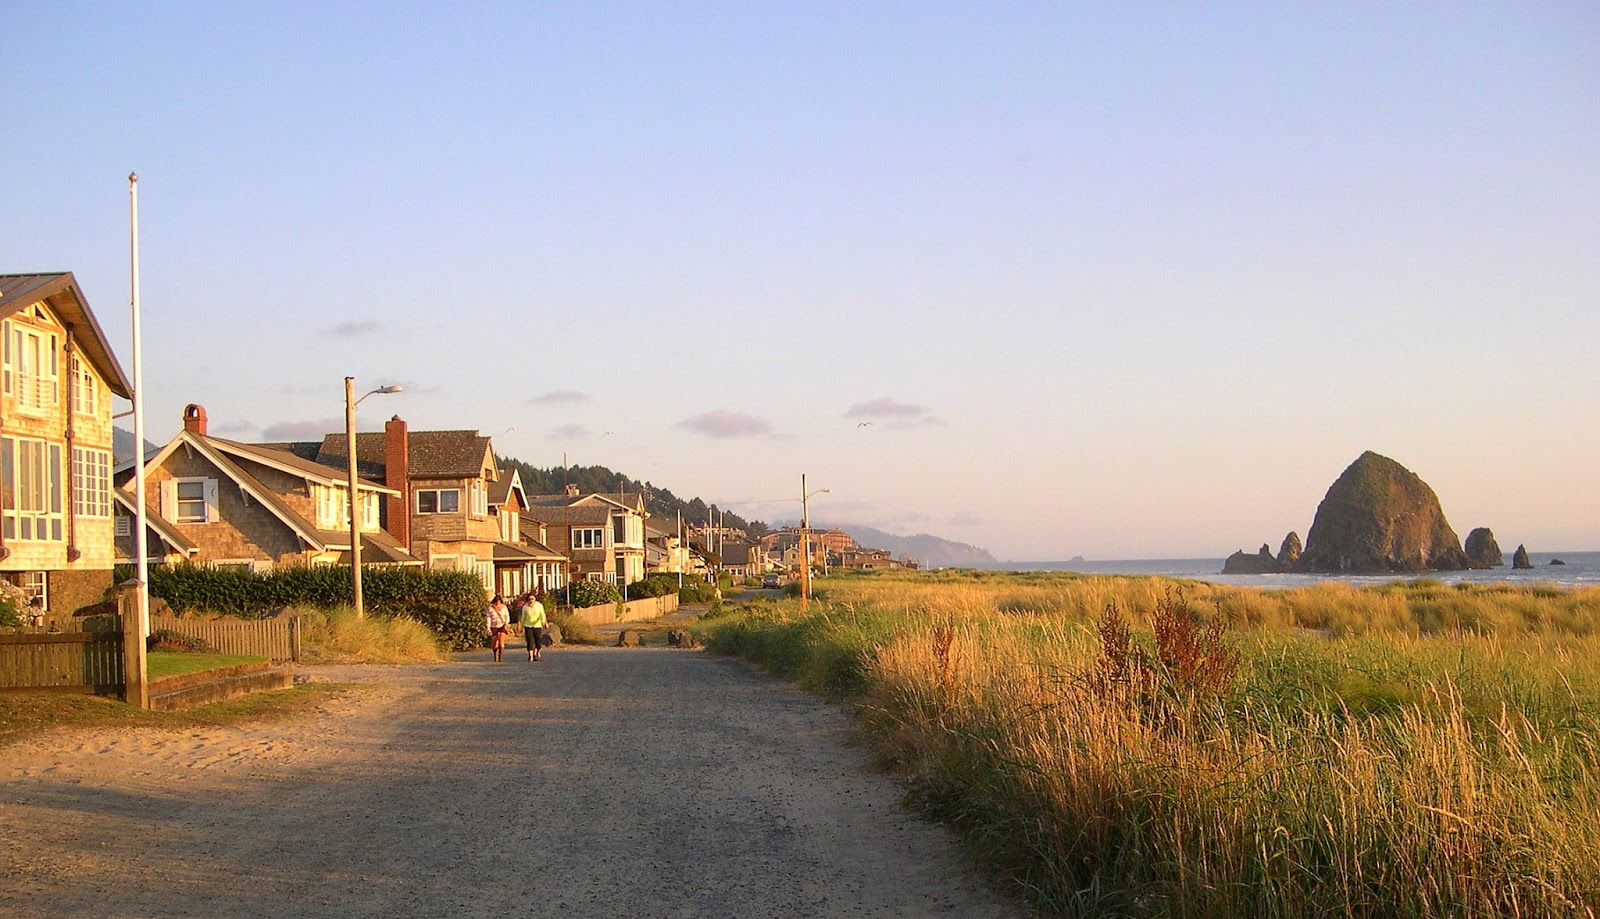 Yellowbullet beach